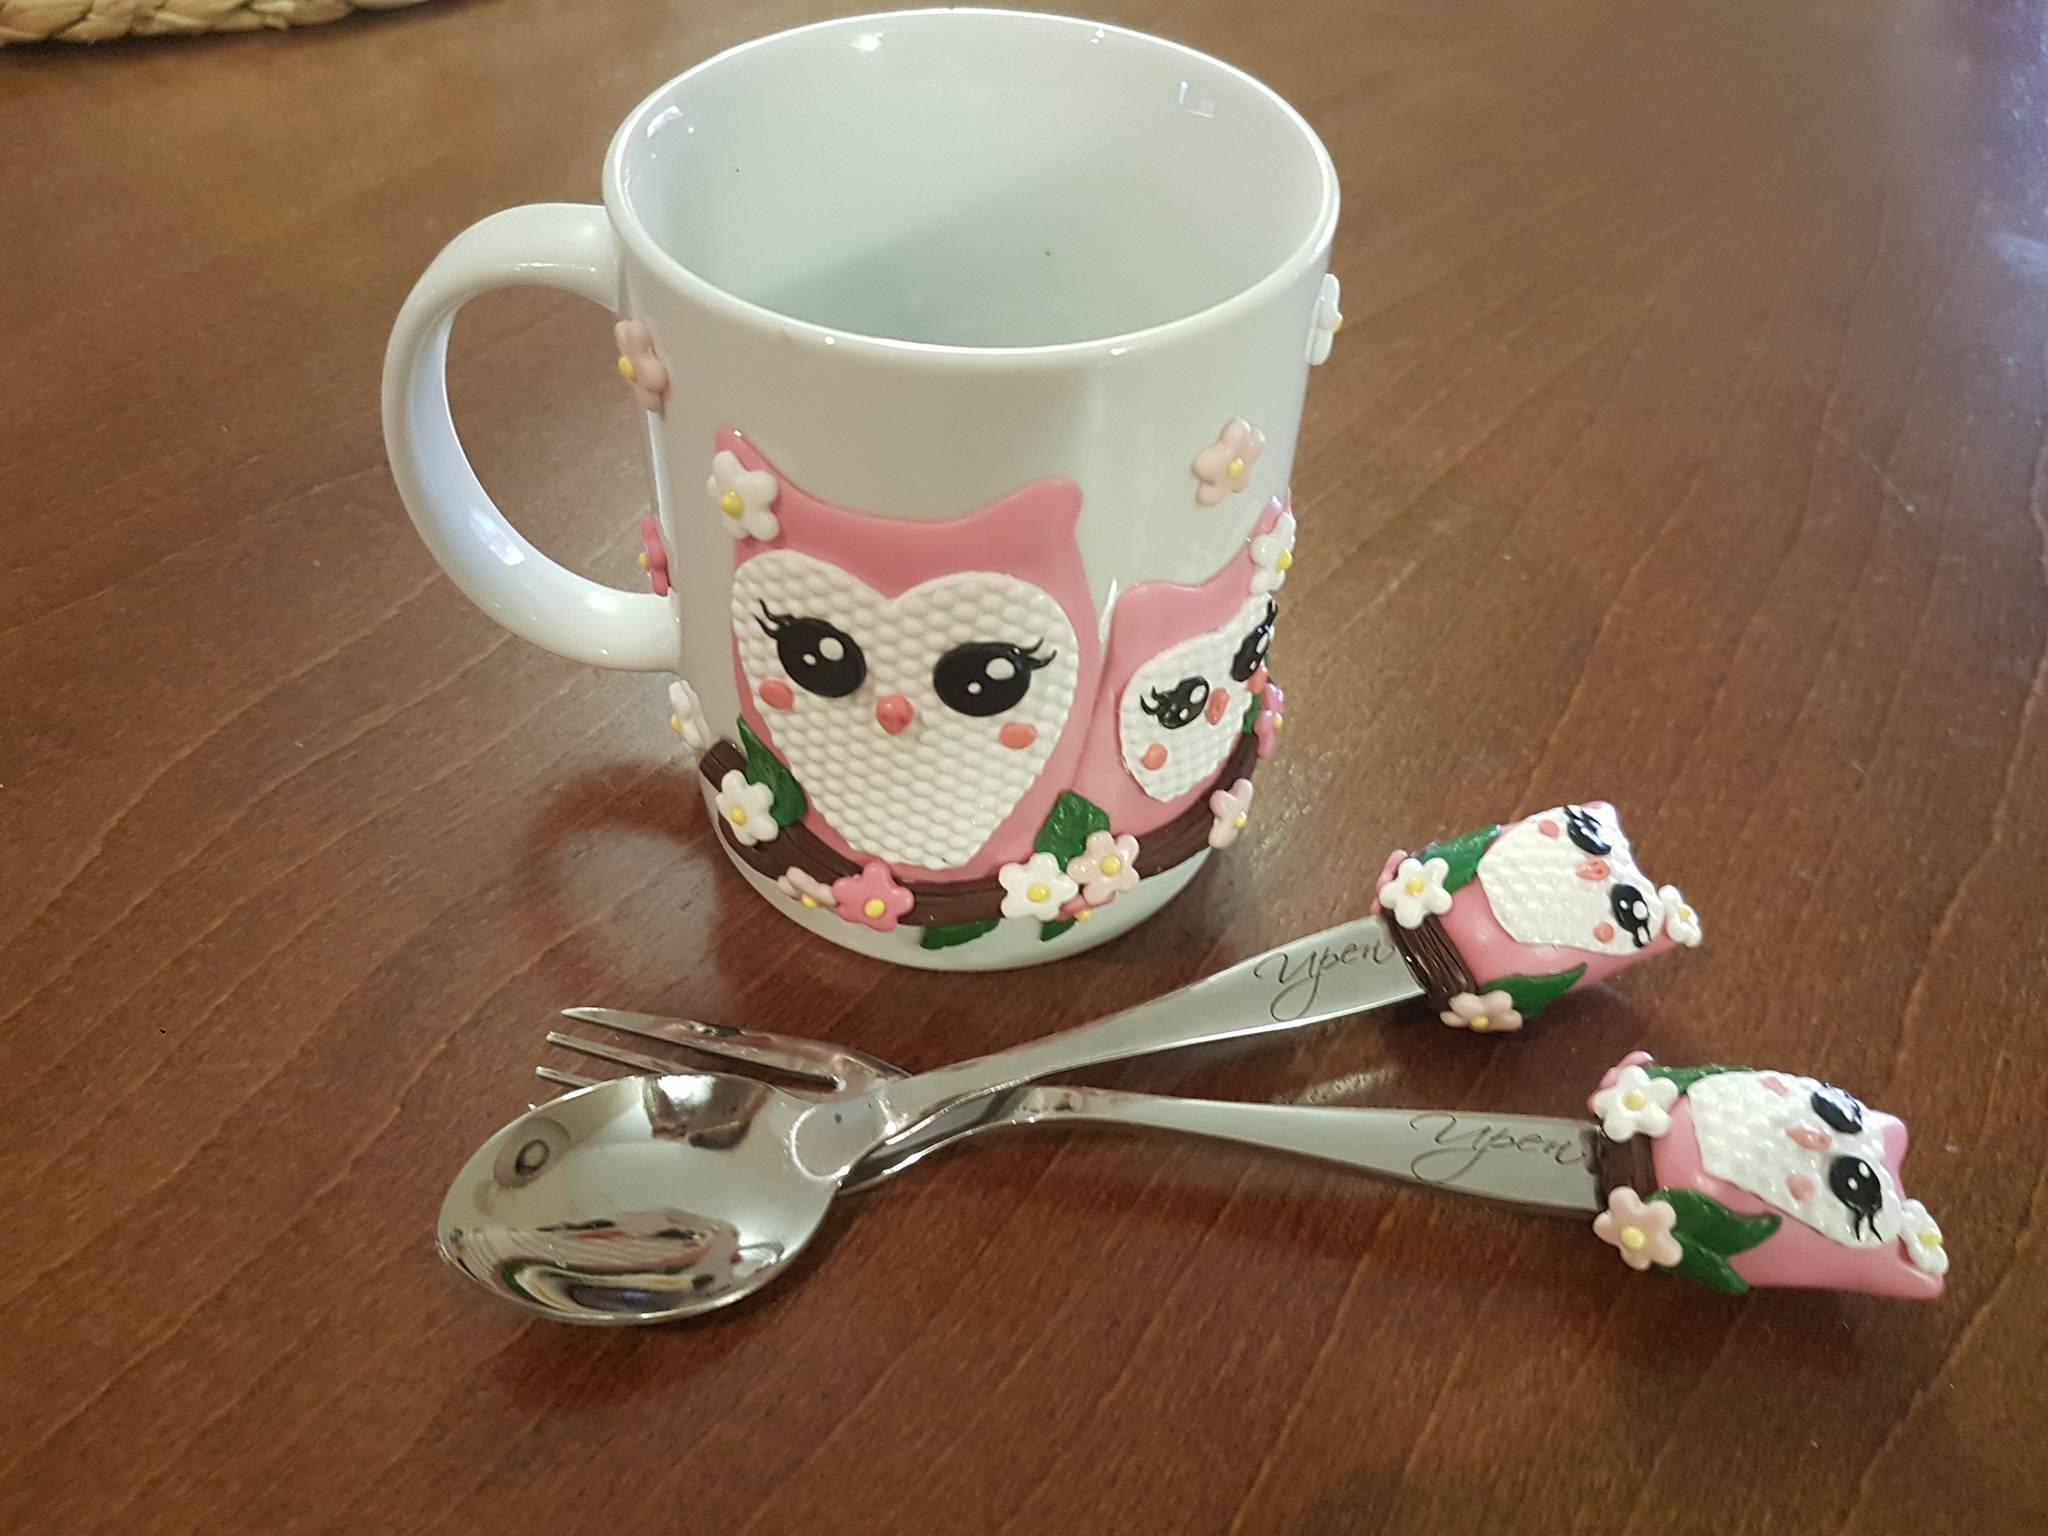 Süße Eulen - Besteck für Kinder mit einer Tasse